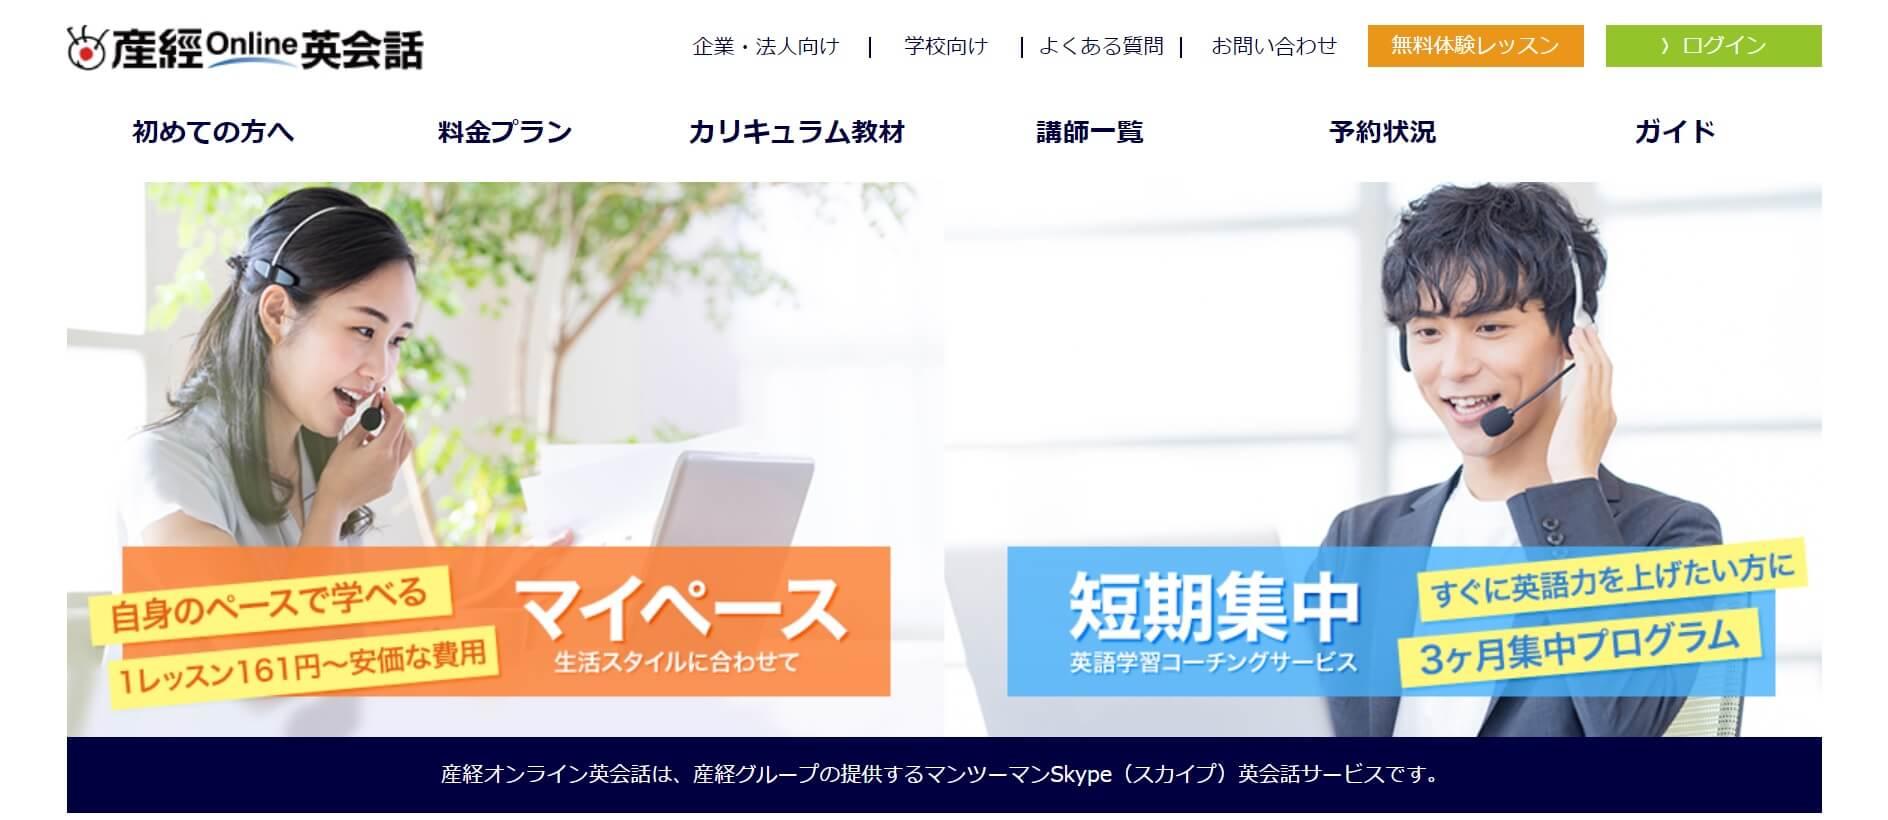 産経オンライン英会話公式サイト